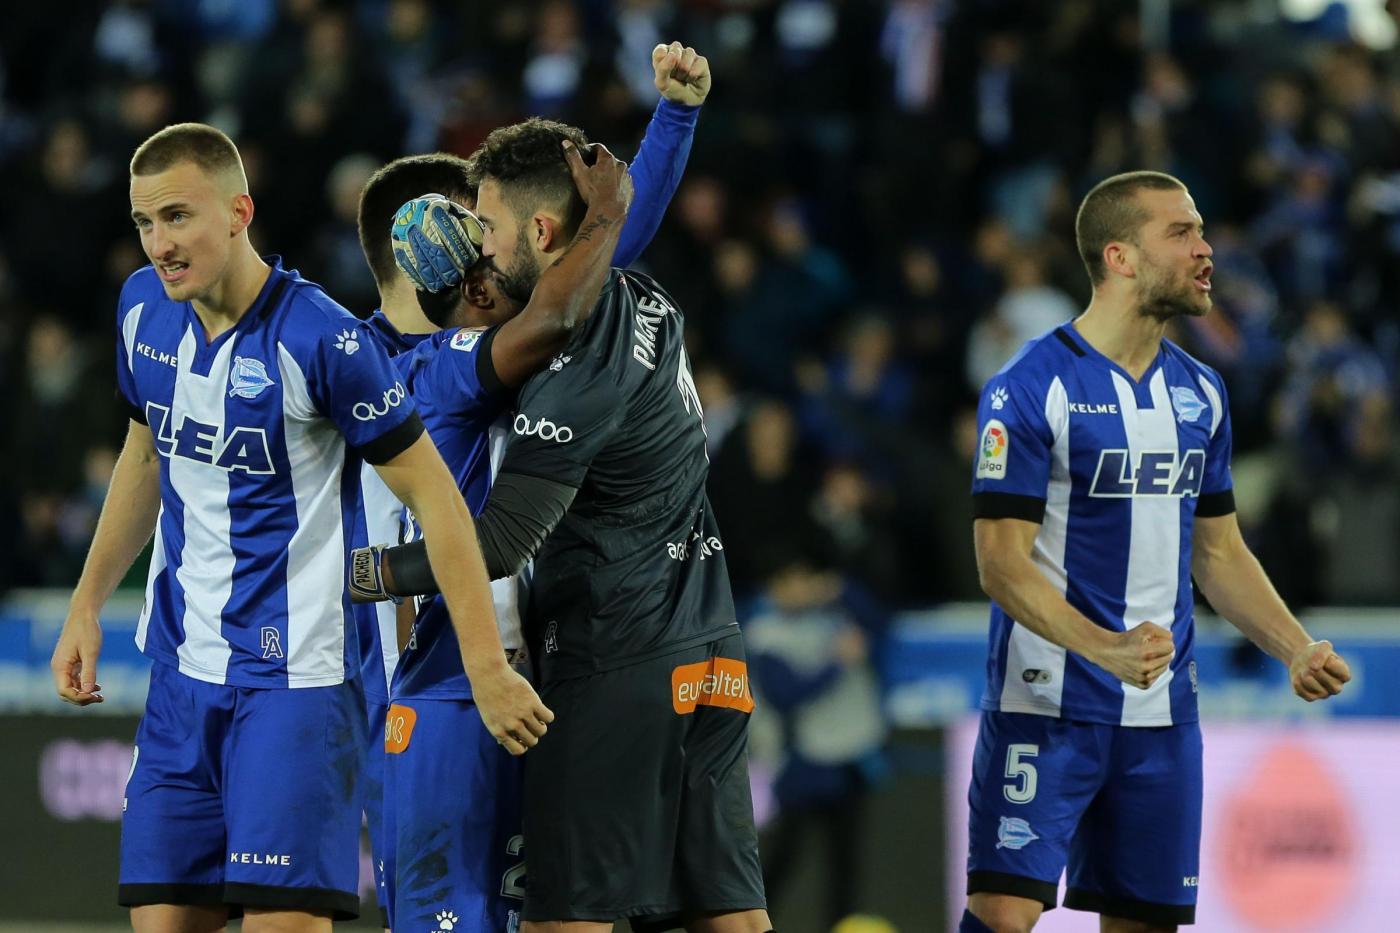 LaLiga, Deportivo Alaves-Villarreal domenica 28 ottobre: analisi e pronostico della decima giornata del campionato spagnolo